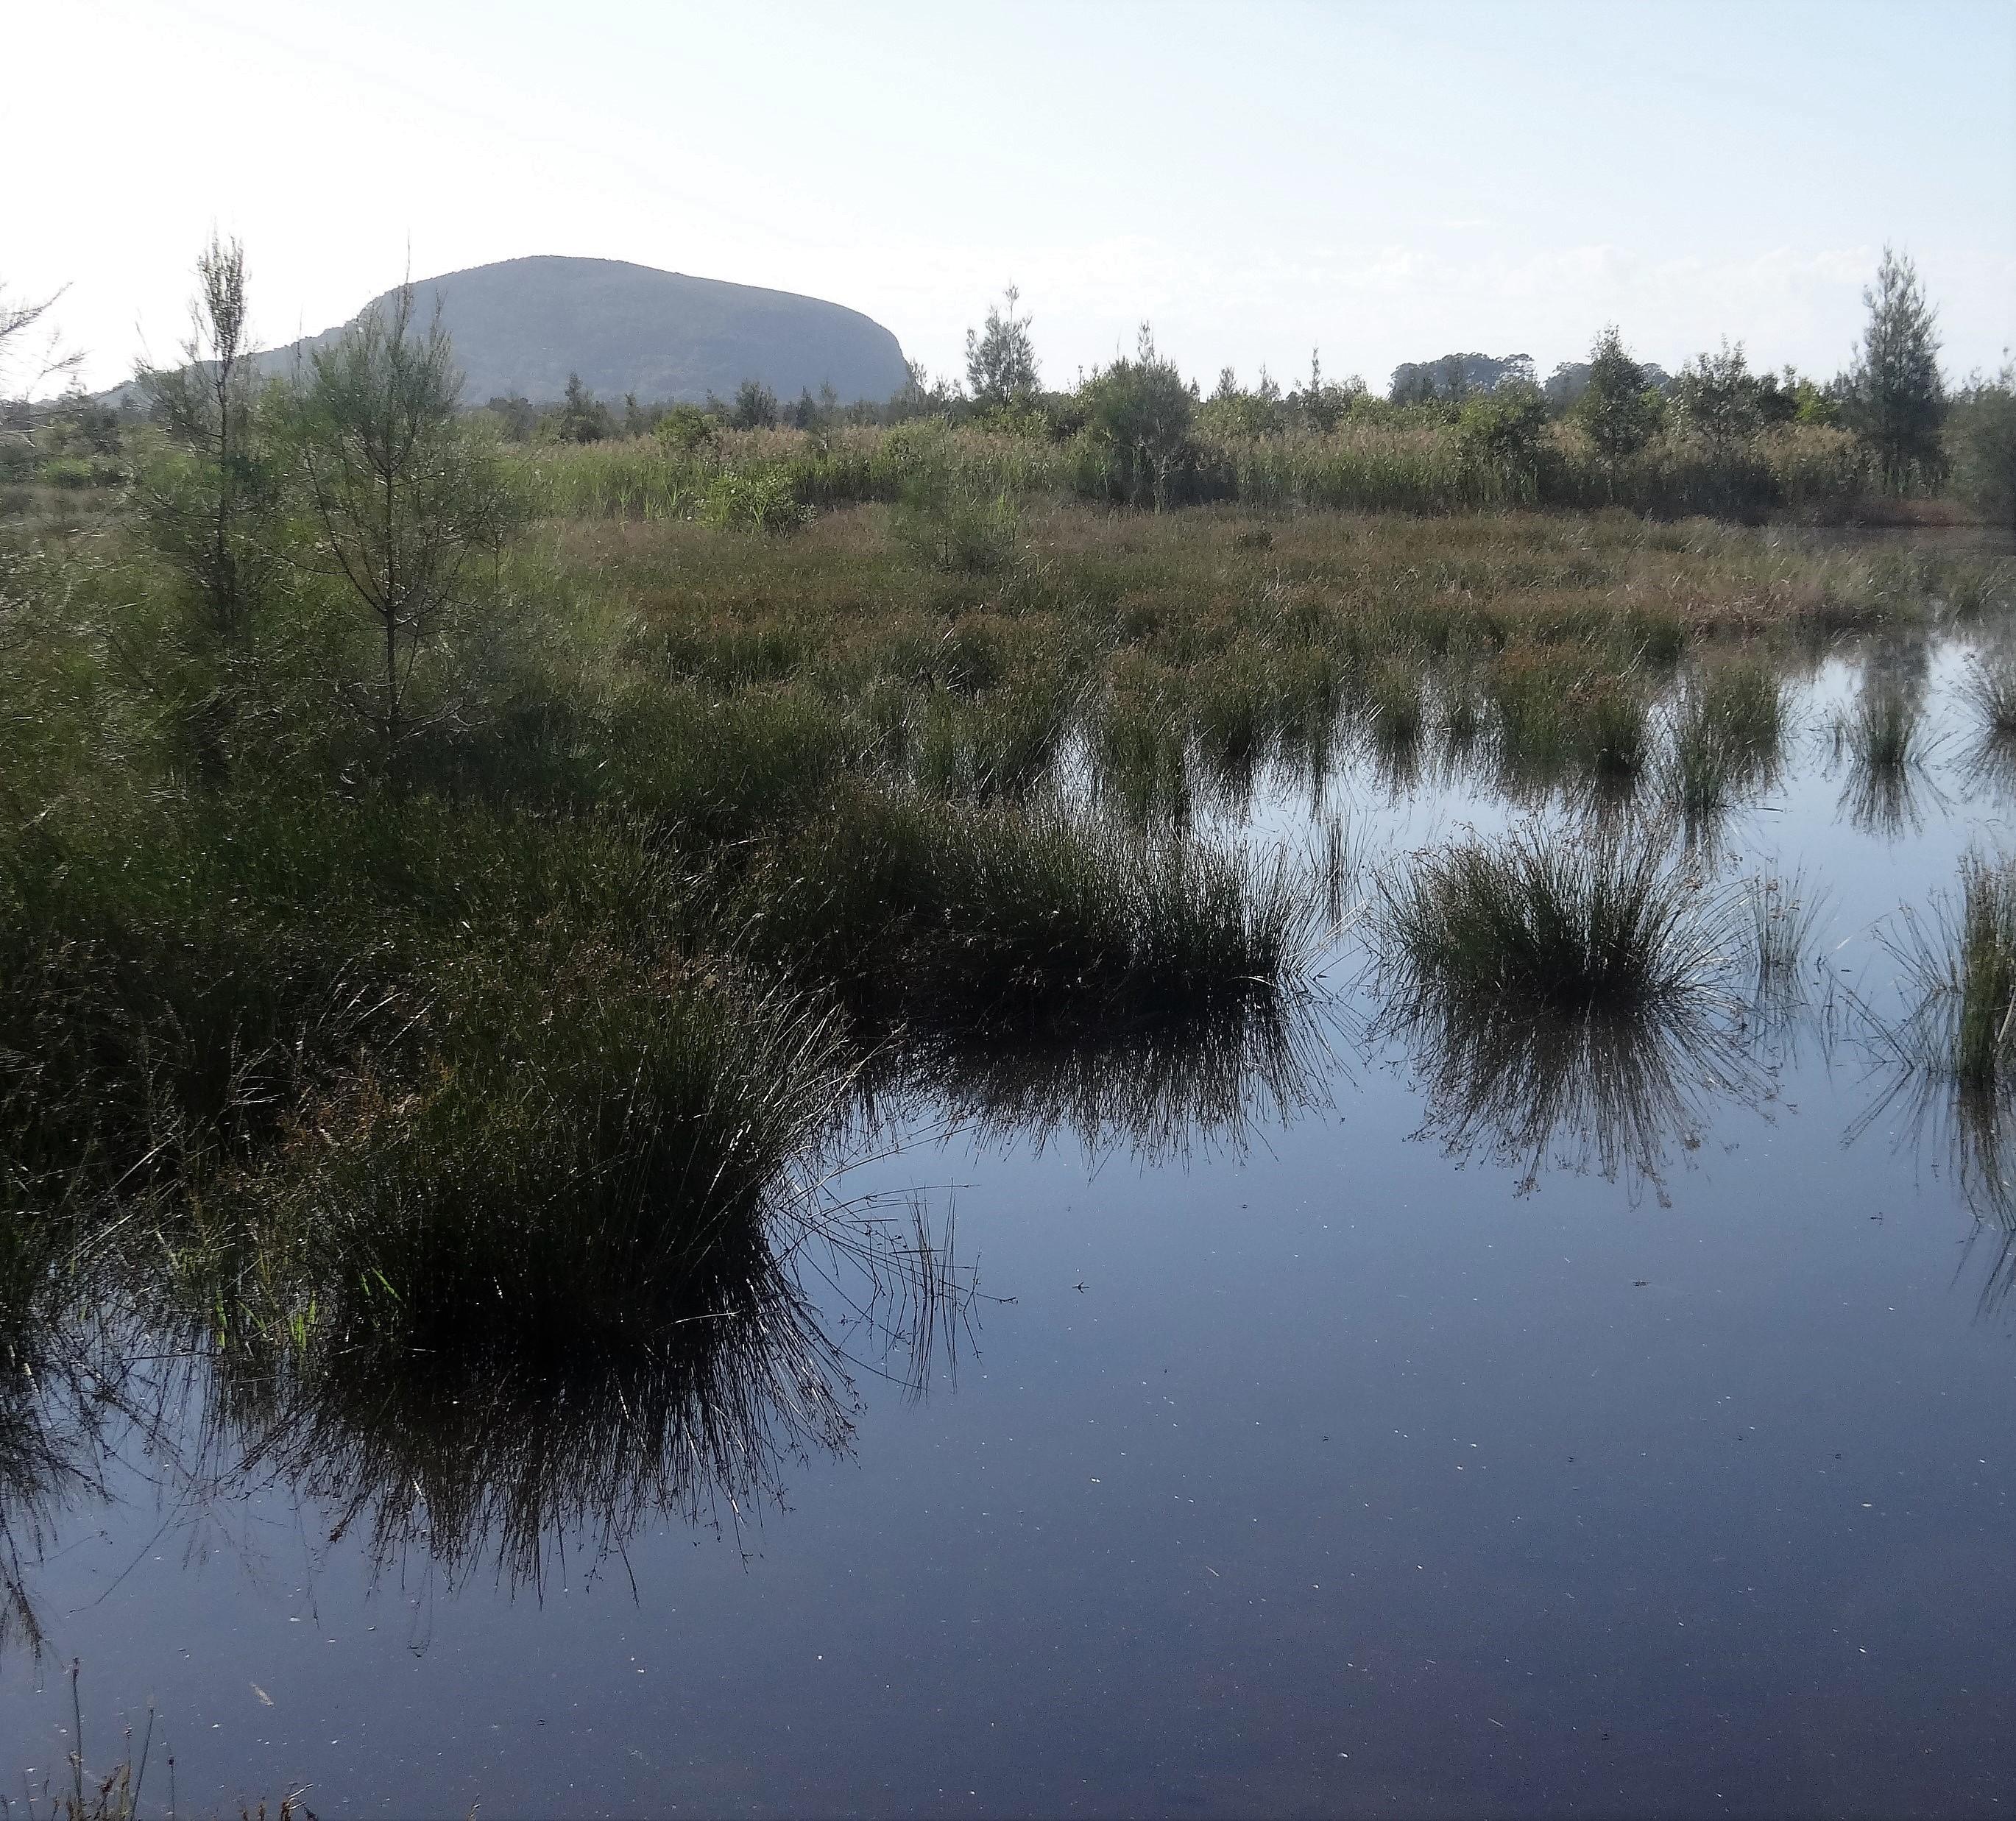 Mt Coolum-Yandina Ck Wetlands Greg Roberts